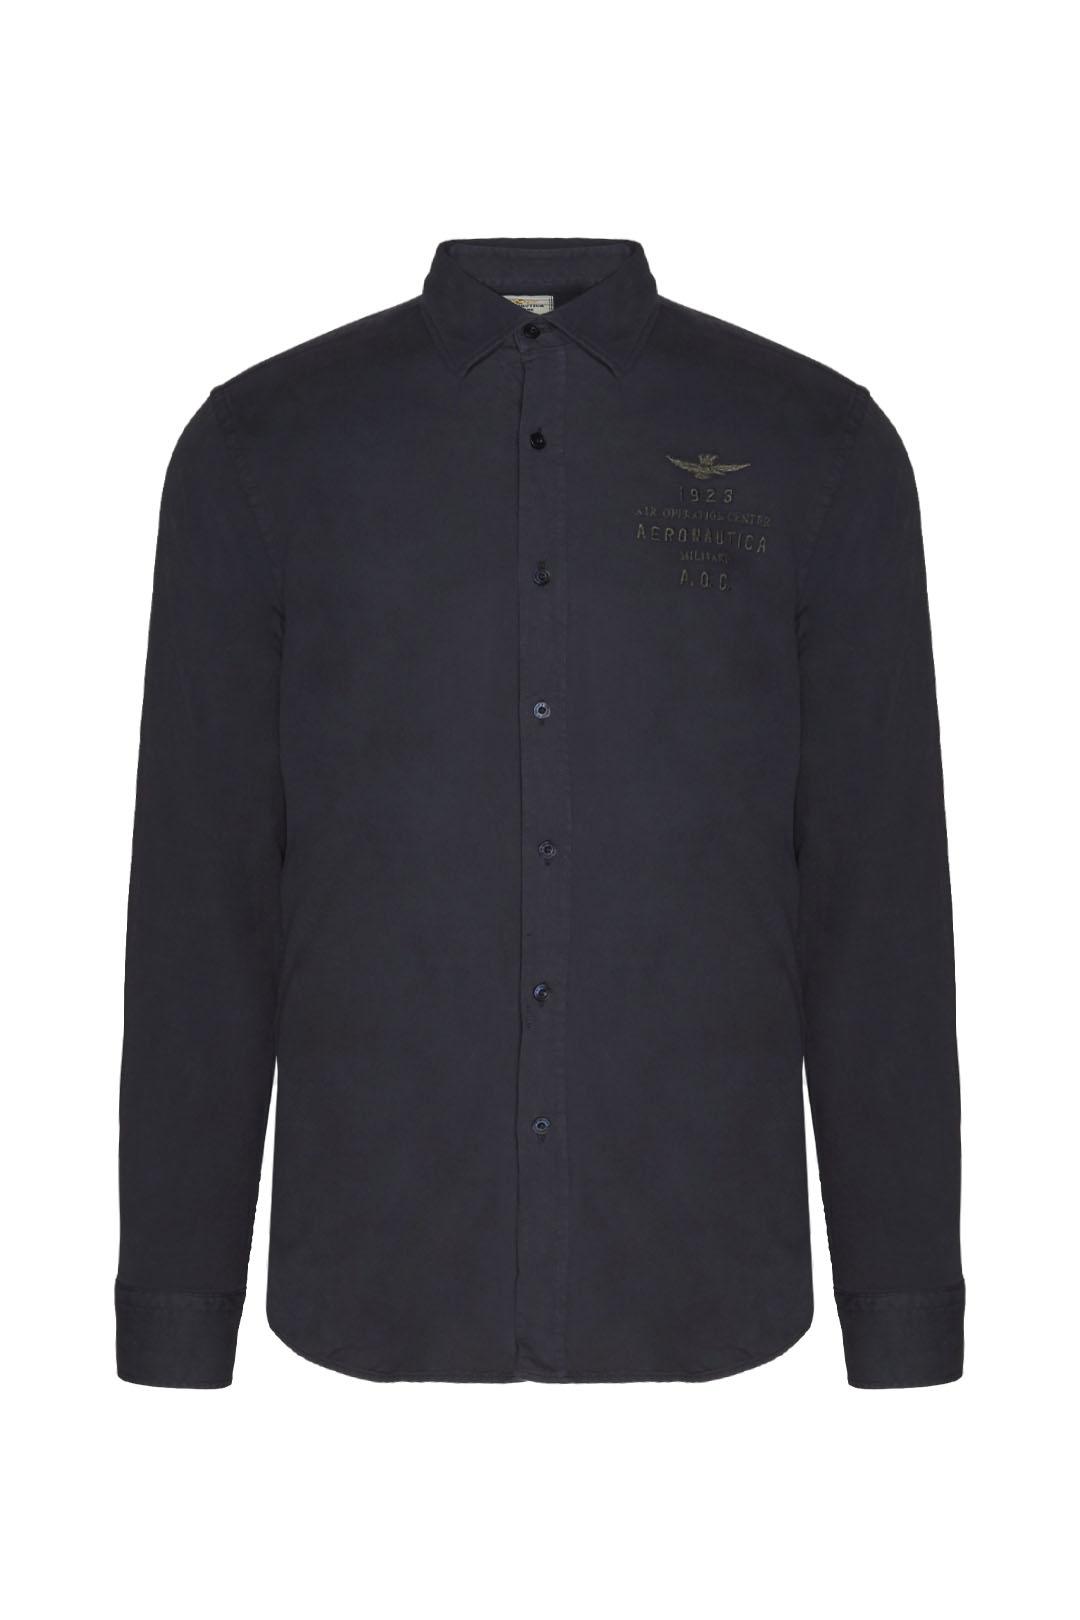 Weiche Baumwolle Hemd                    1